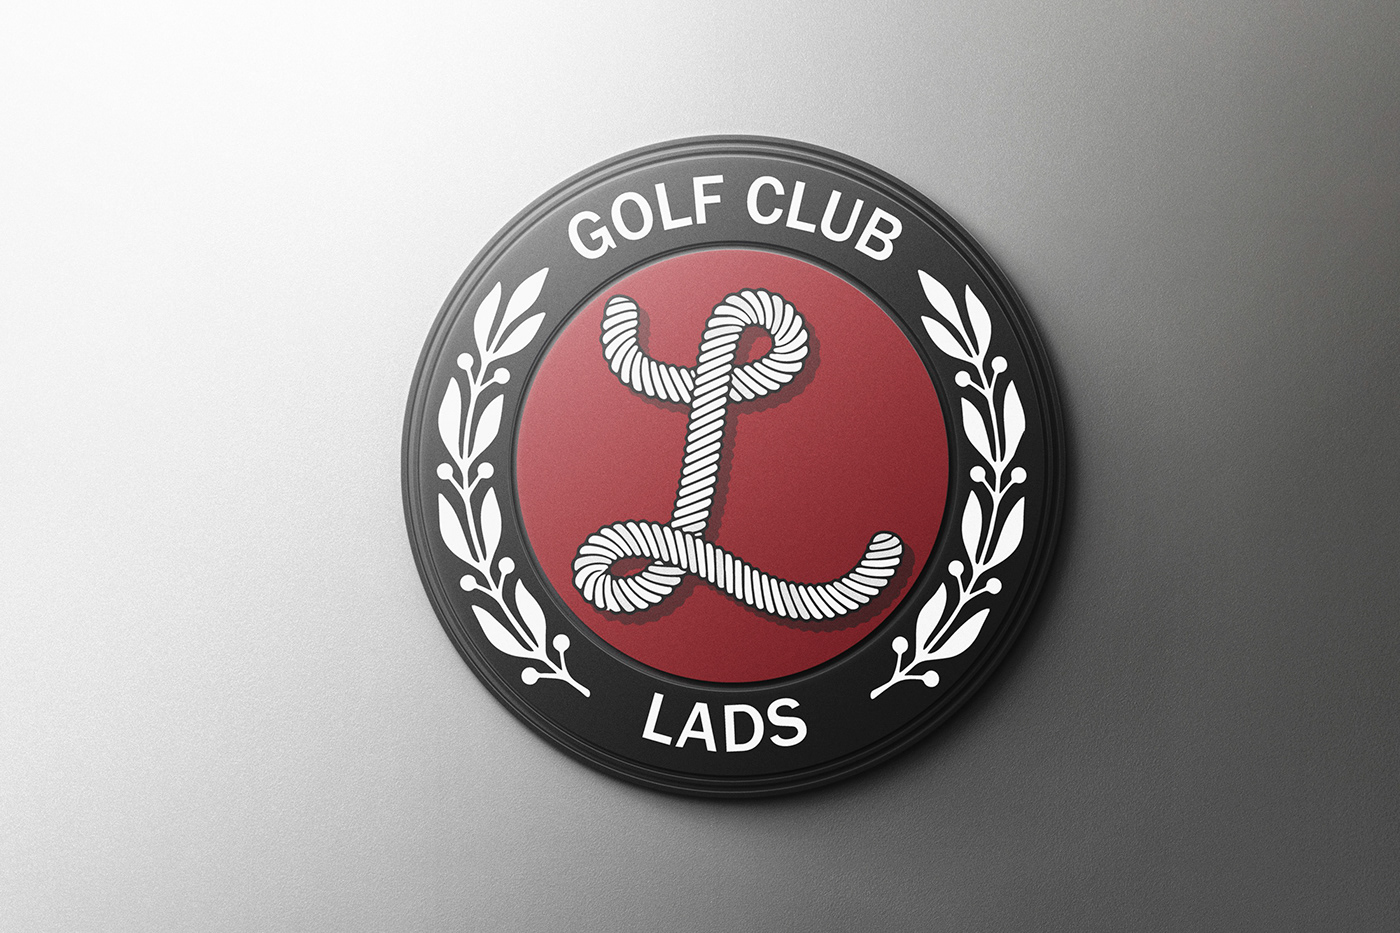 Image may contain: emblem